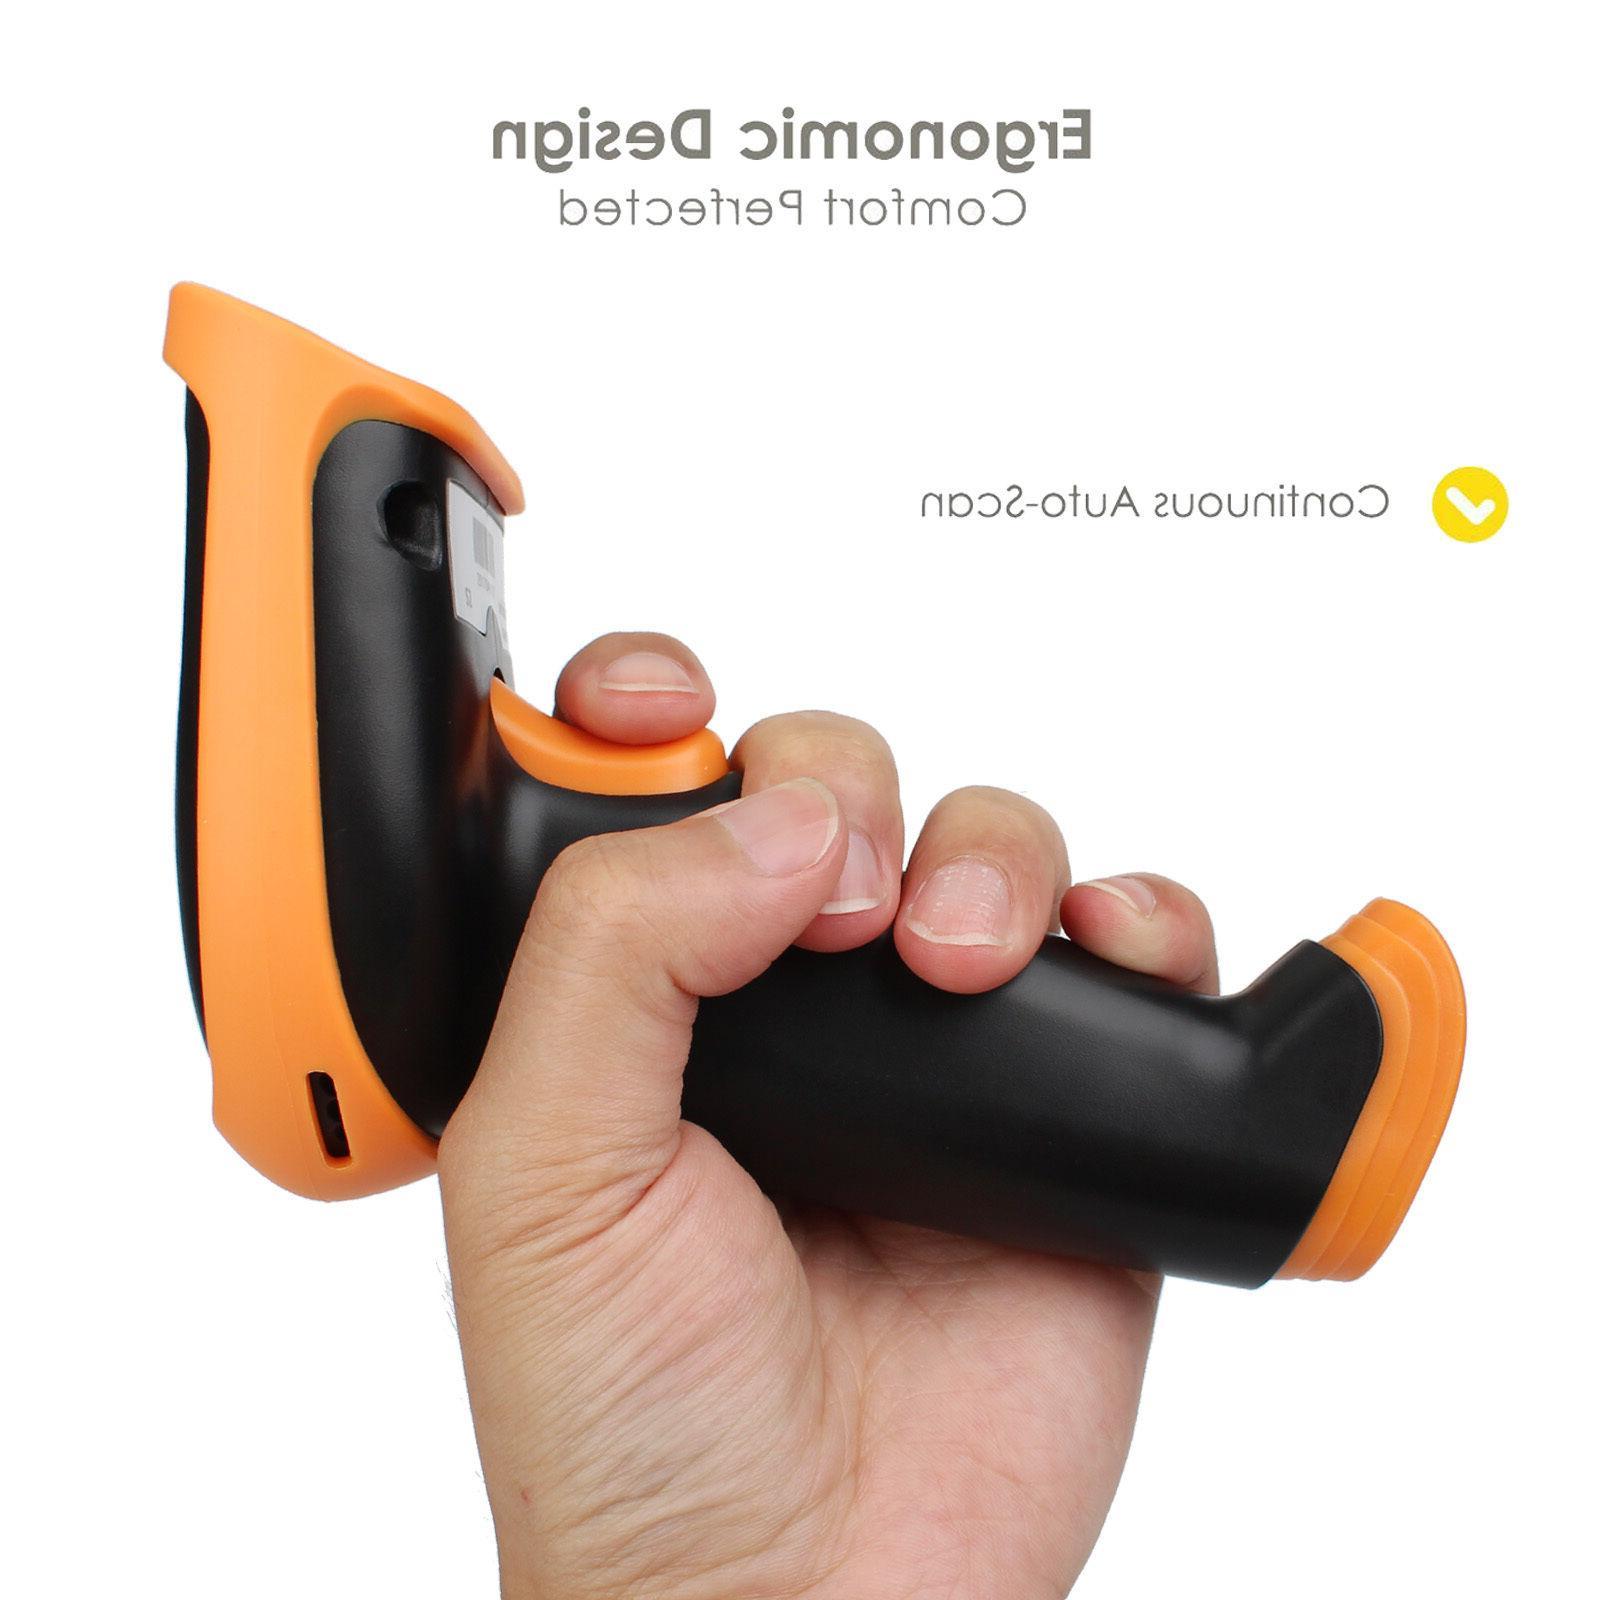 Premium Shockproof Wireless USB Laser Barcode